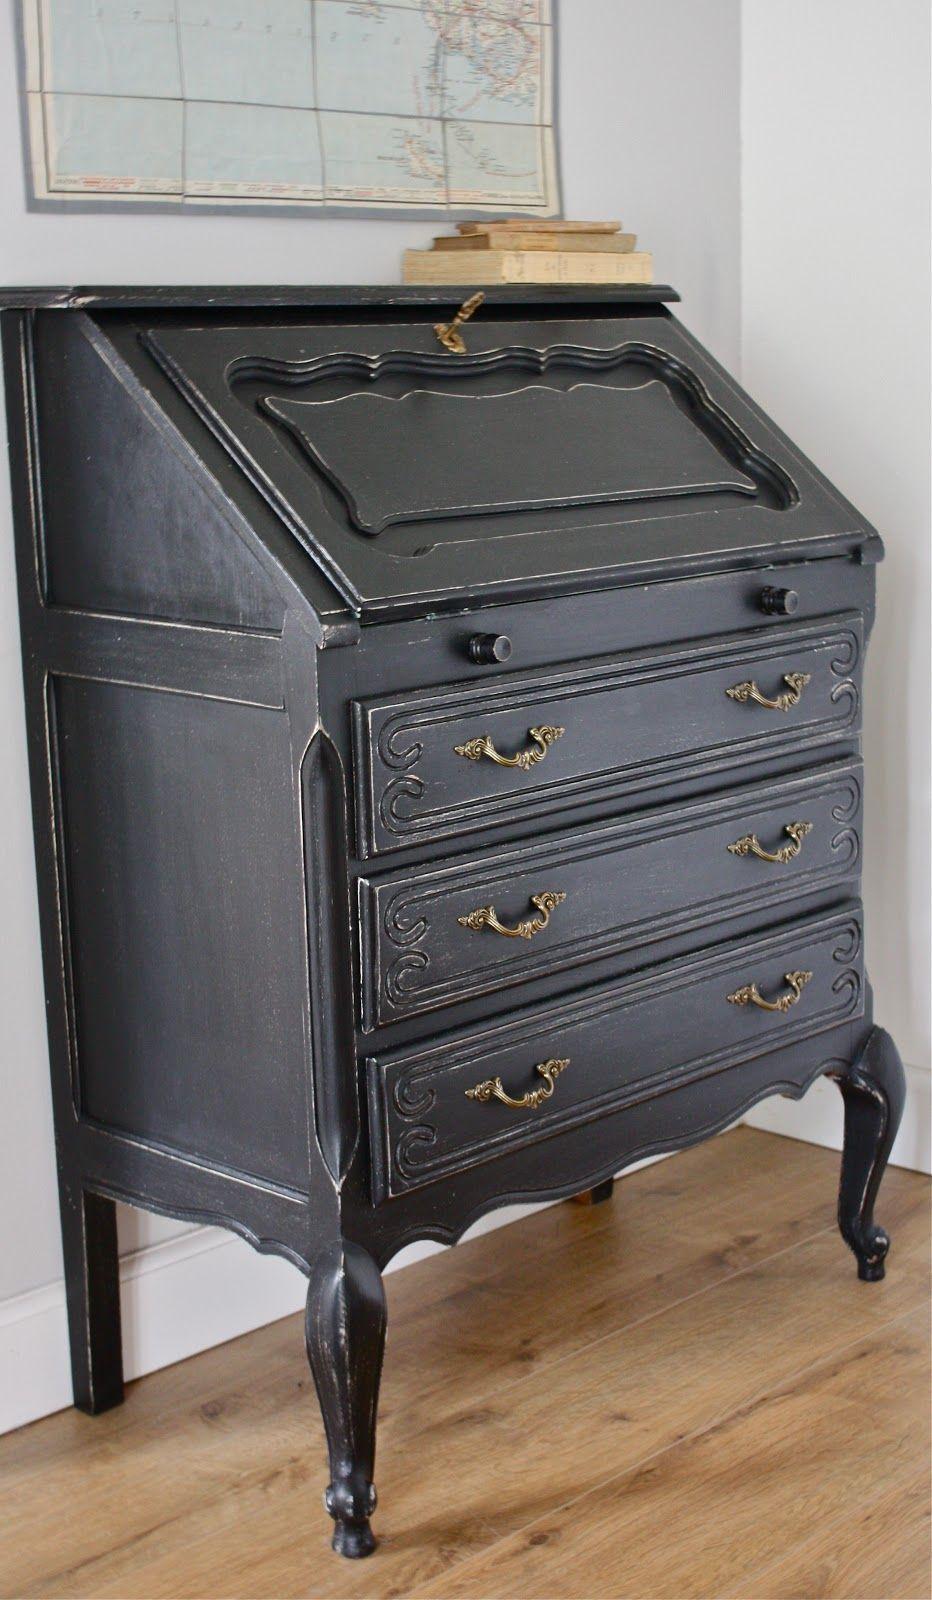 Epingle Par Bozena Bielichowska Sur Furniture Remaking Mobilier De Salon Relooker Meuble Et Relooking Meuble